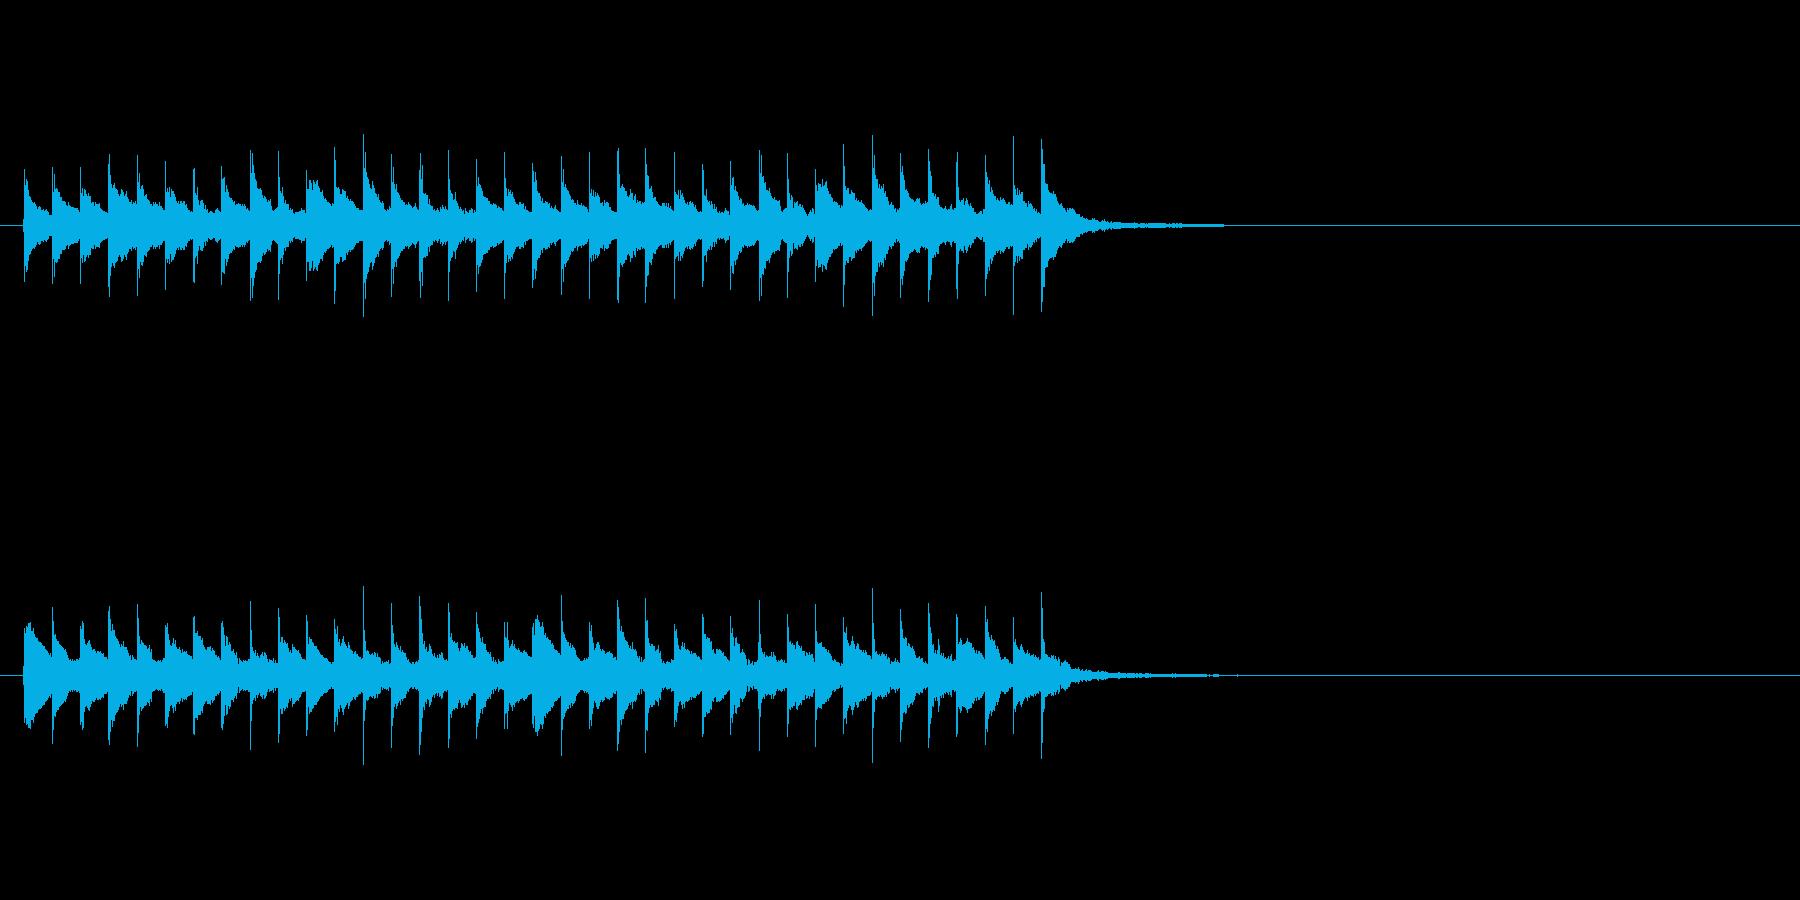 不思議なフレーズのアイキャッチの再生済みの波形